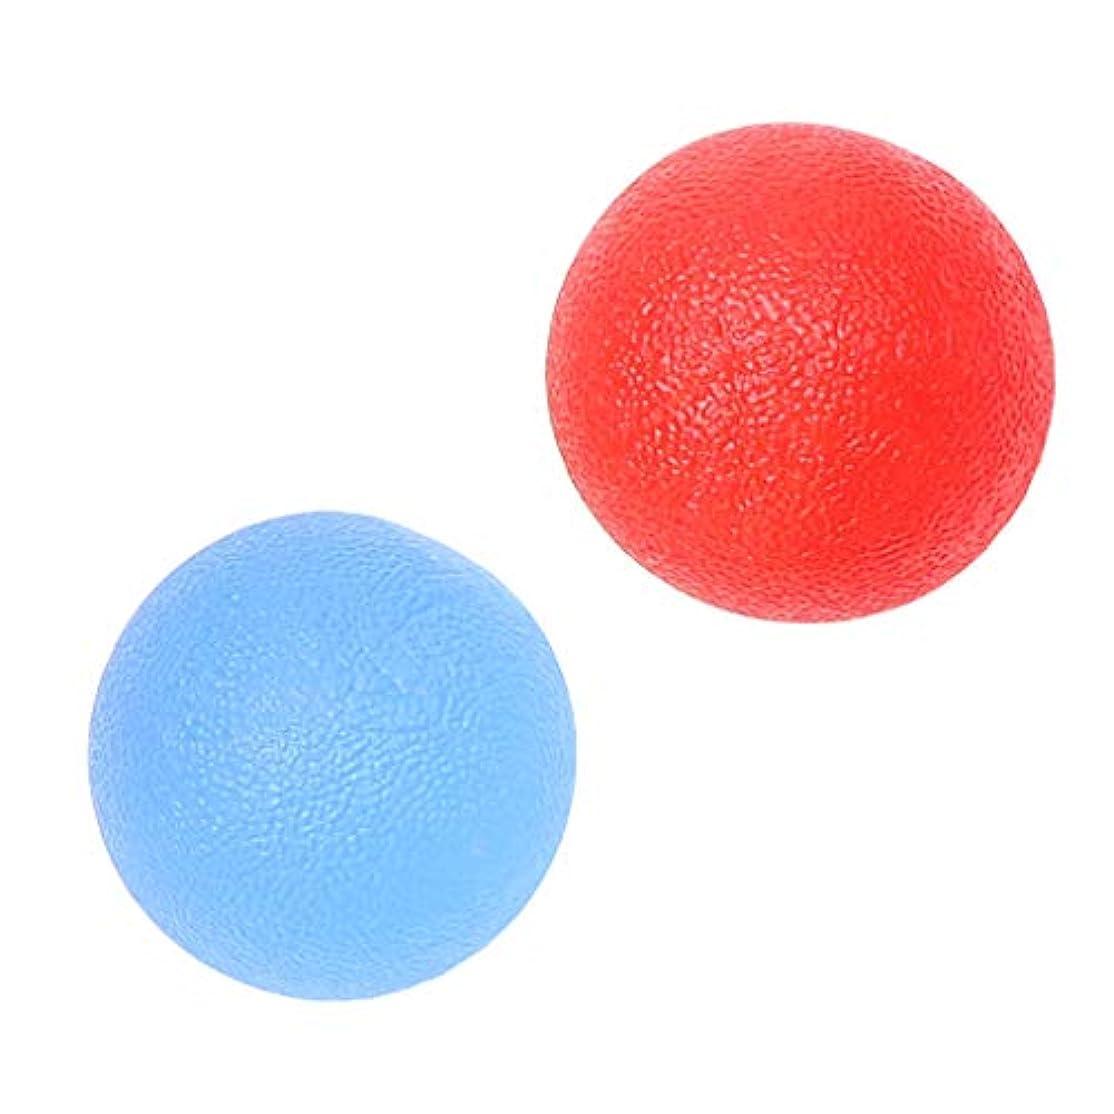 既婚浸透する軽蔑CUTICATE 2個 ハンドエクササイズボール ハンドグリップ シリコン 指トレーニング ストレス緩和 減圧 赤/青